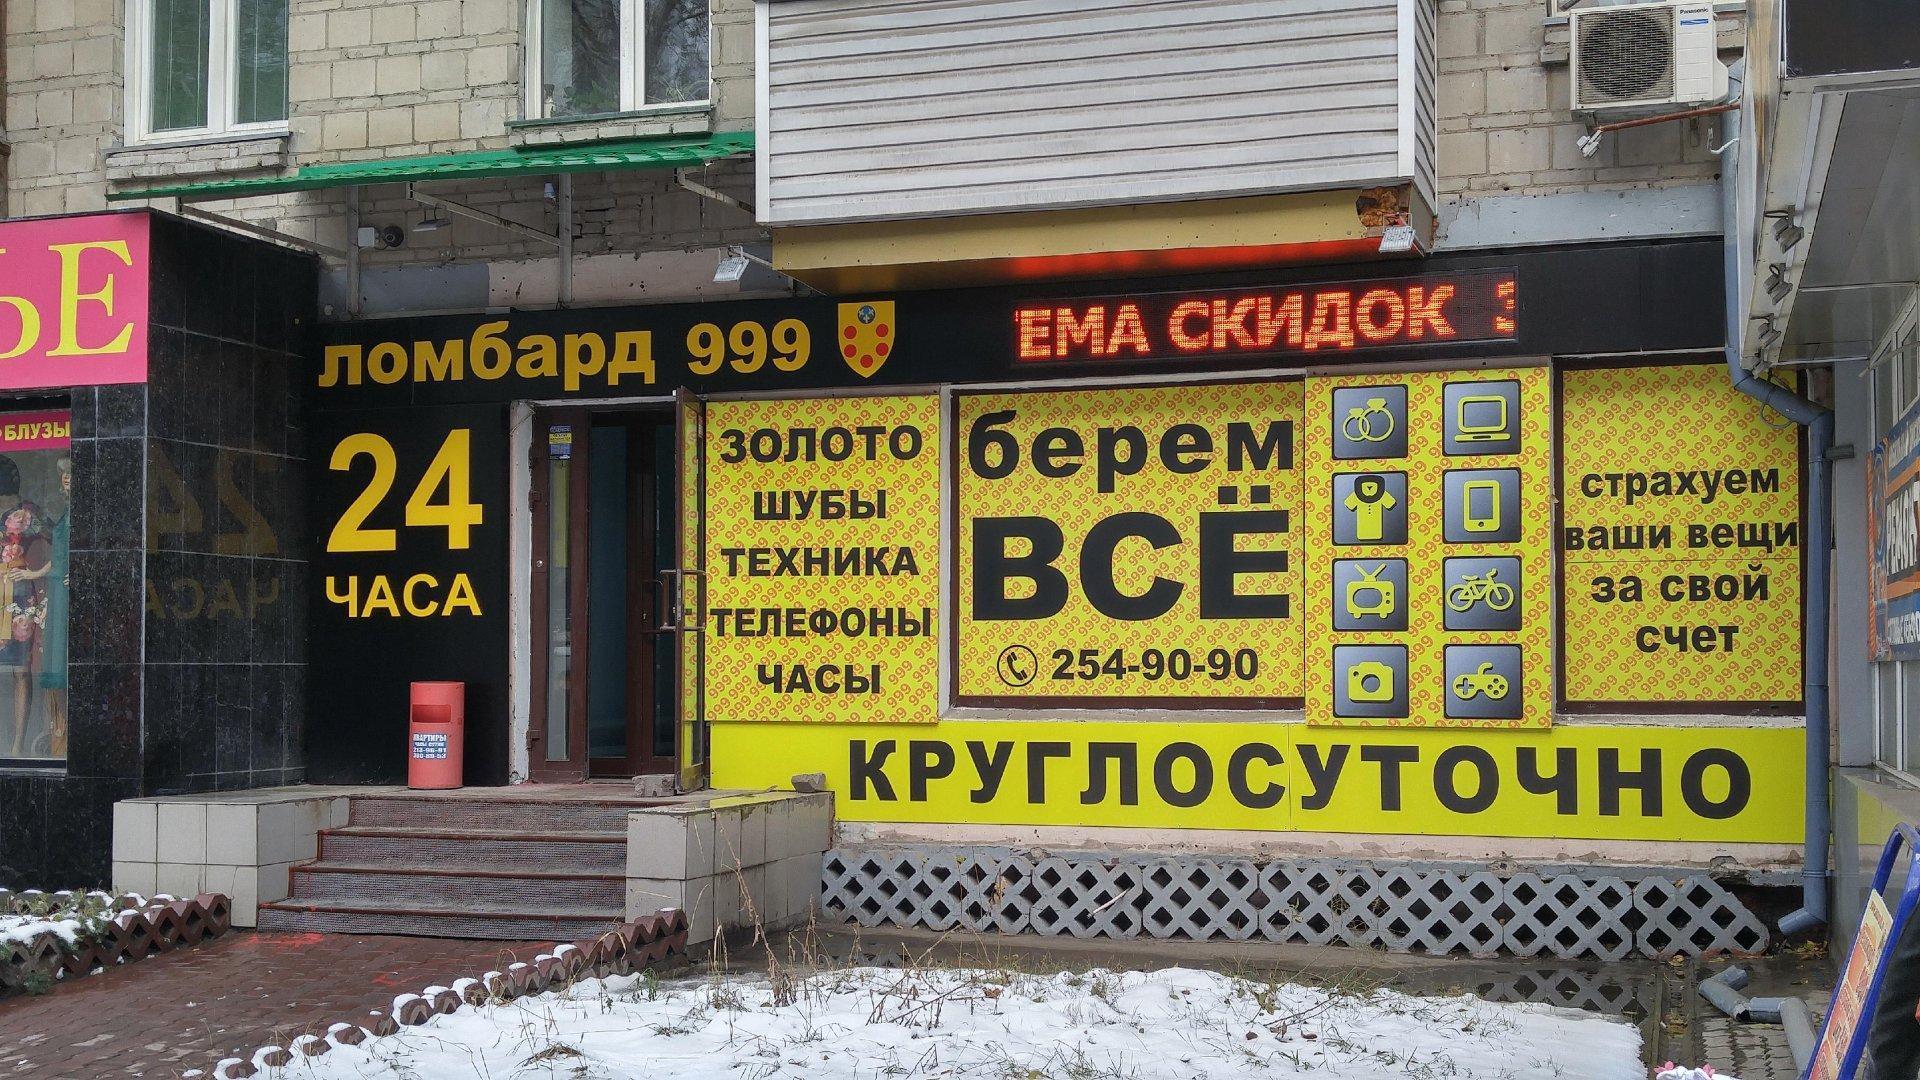 Адреса новосибирске ломбарды в часы как в ломбард принять